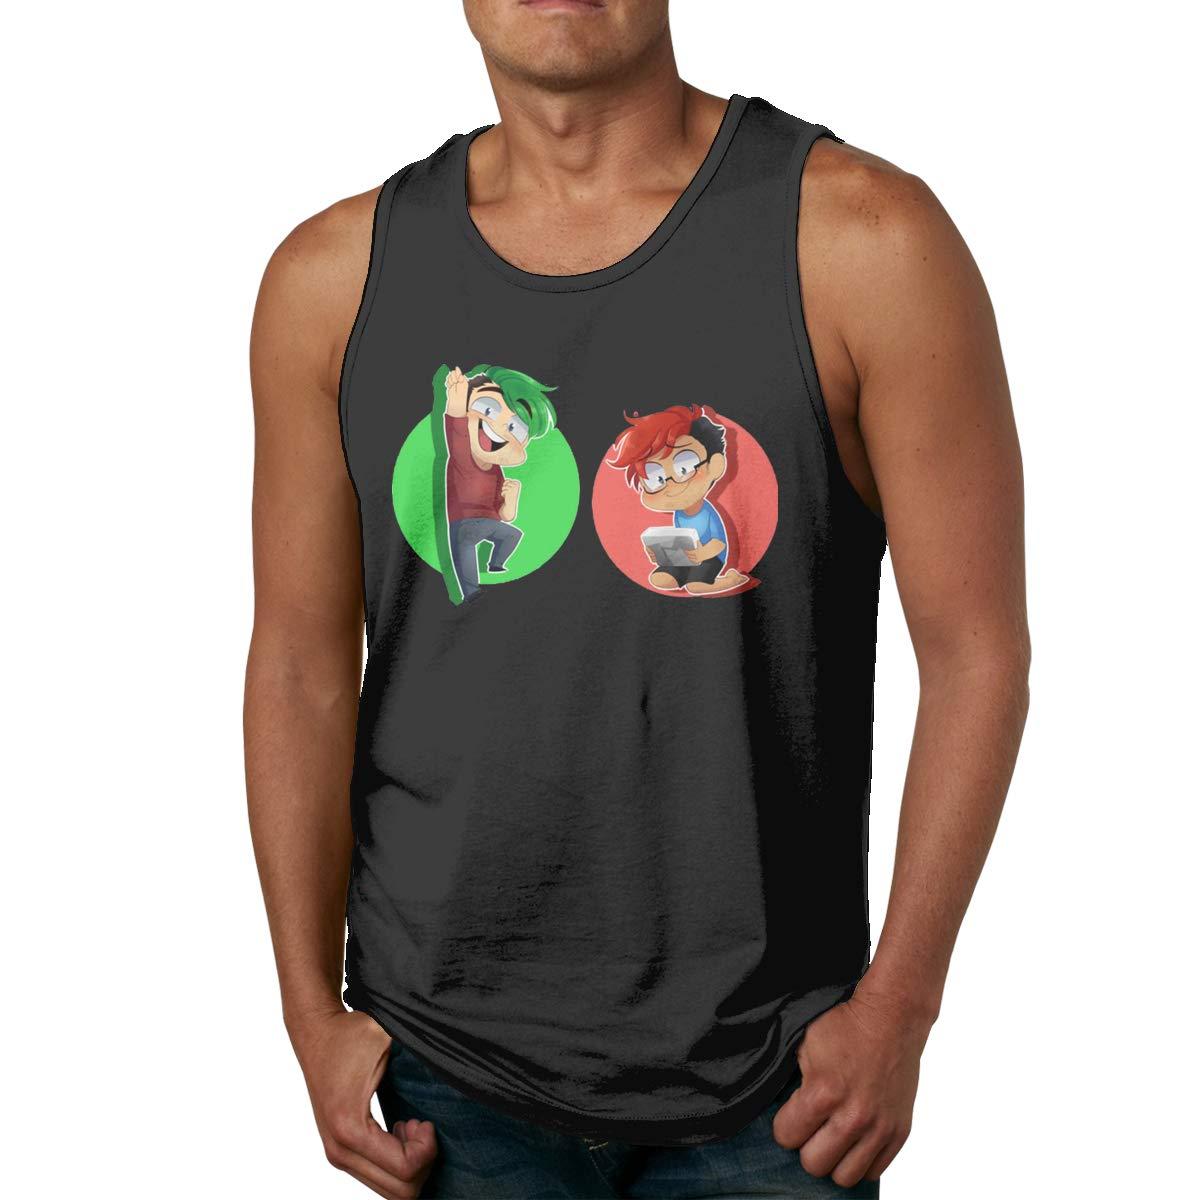 Markiplier Jack Septic Eye Merchandise S Workout Sleeveless Tank Top Summer Sport T Shirt